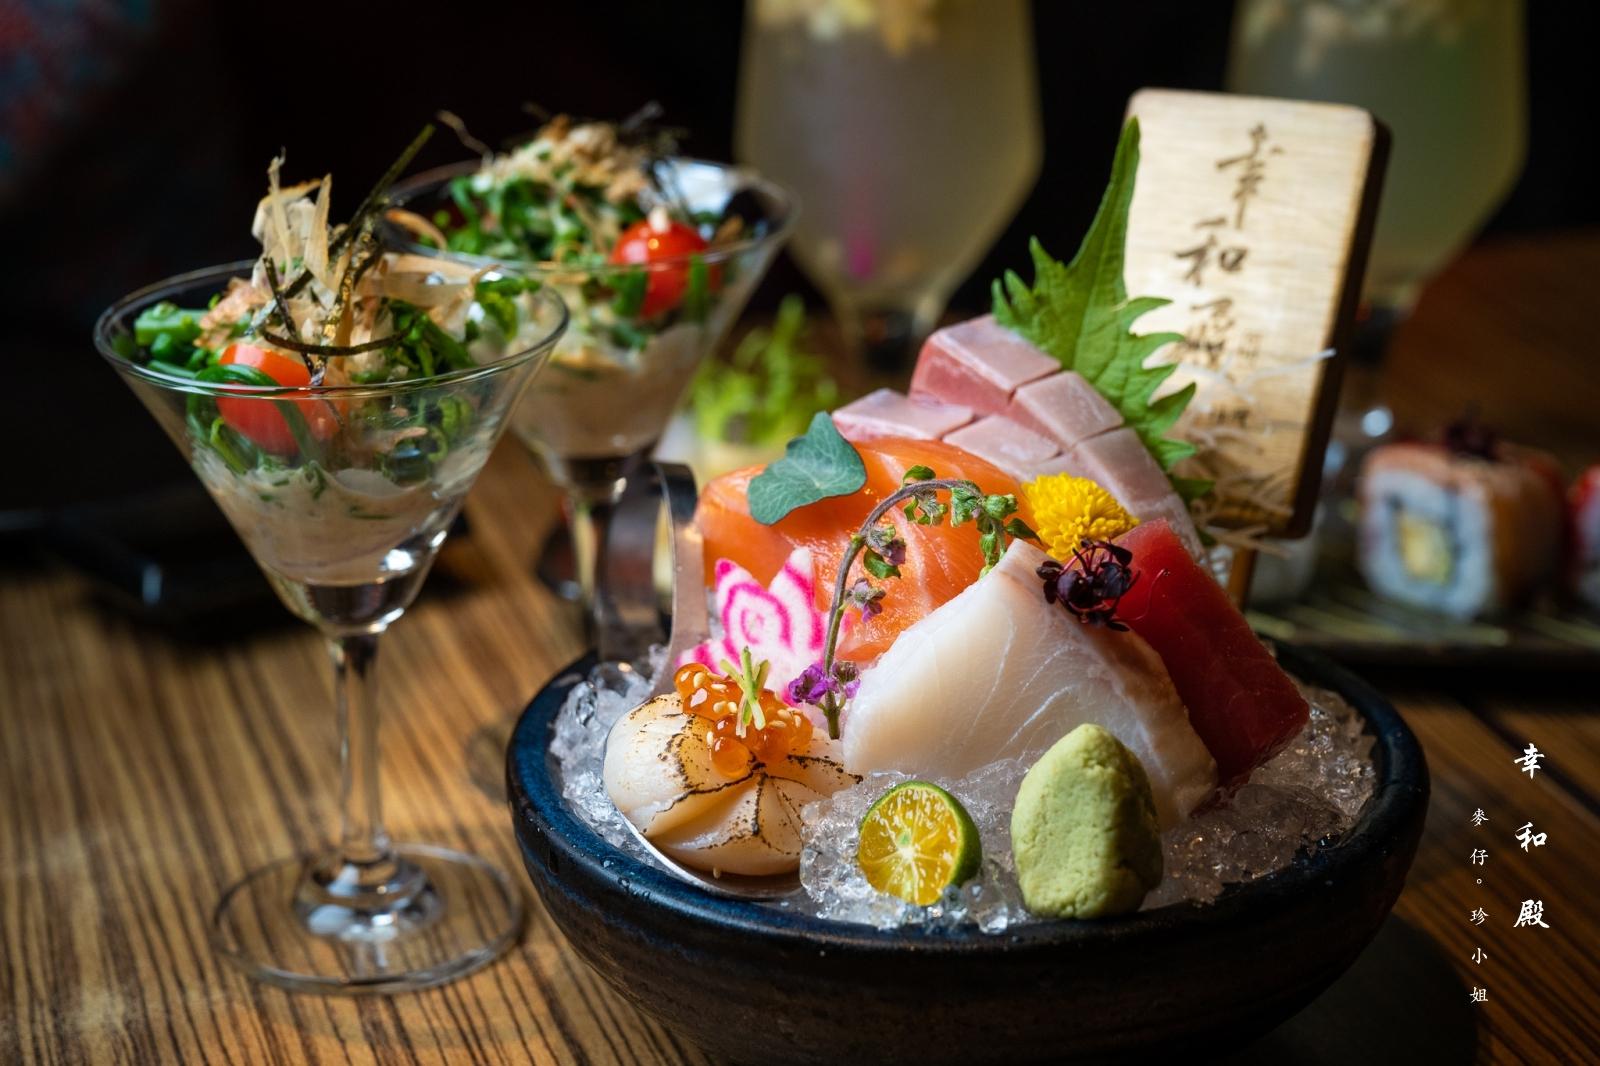 台北美食。幸和殿手作料理|2020情人節大餐